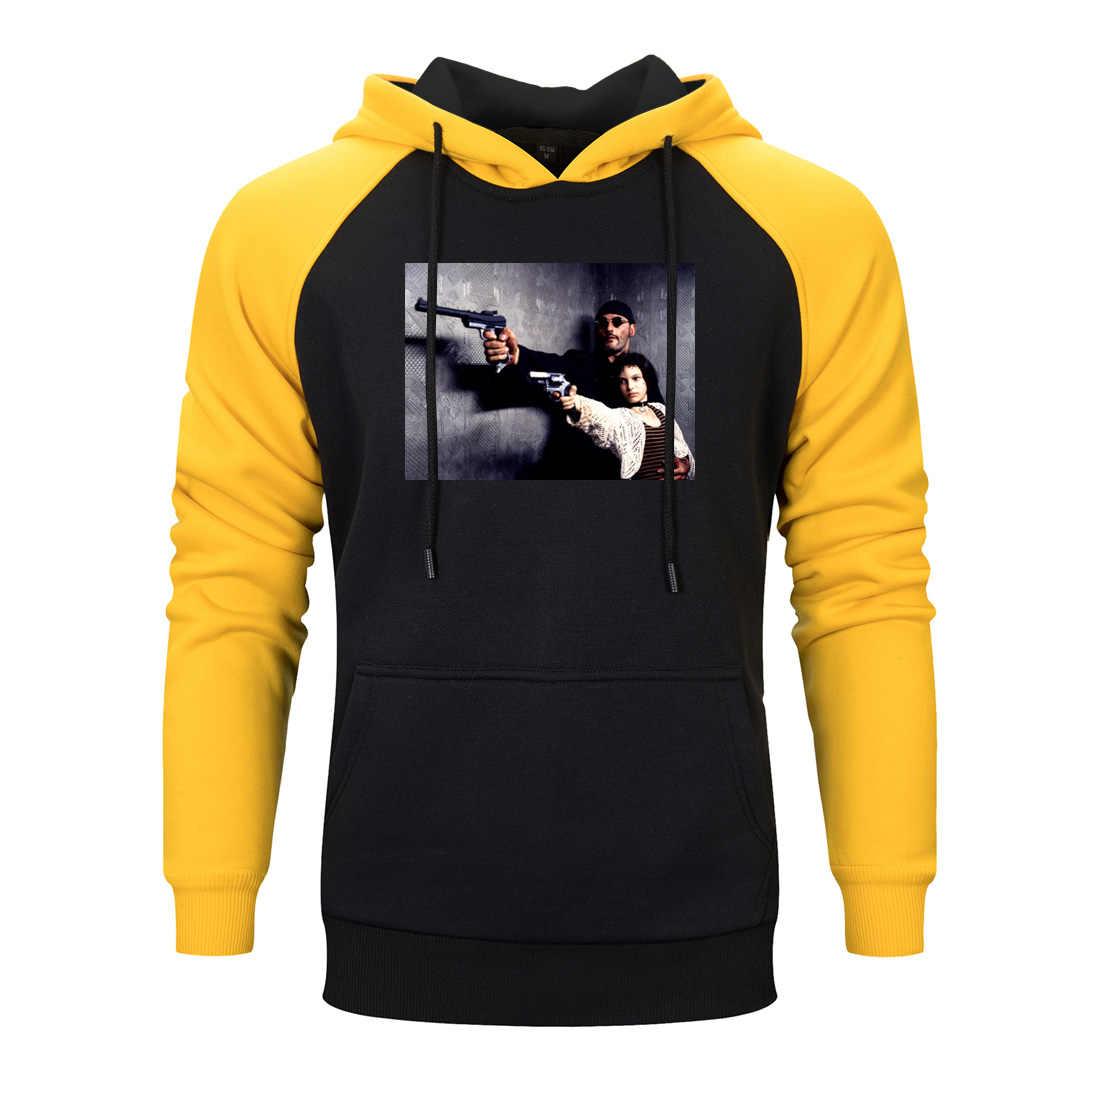 Die Professionelle Vintage Gedruckt Hoodies 2019 Herbst Winter Warme Kleidung Mode Hip Hop Hoody Sweatshirt Raglan Männer Freizeit